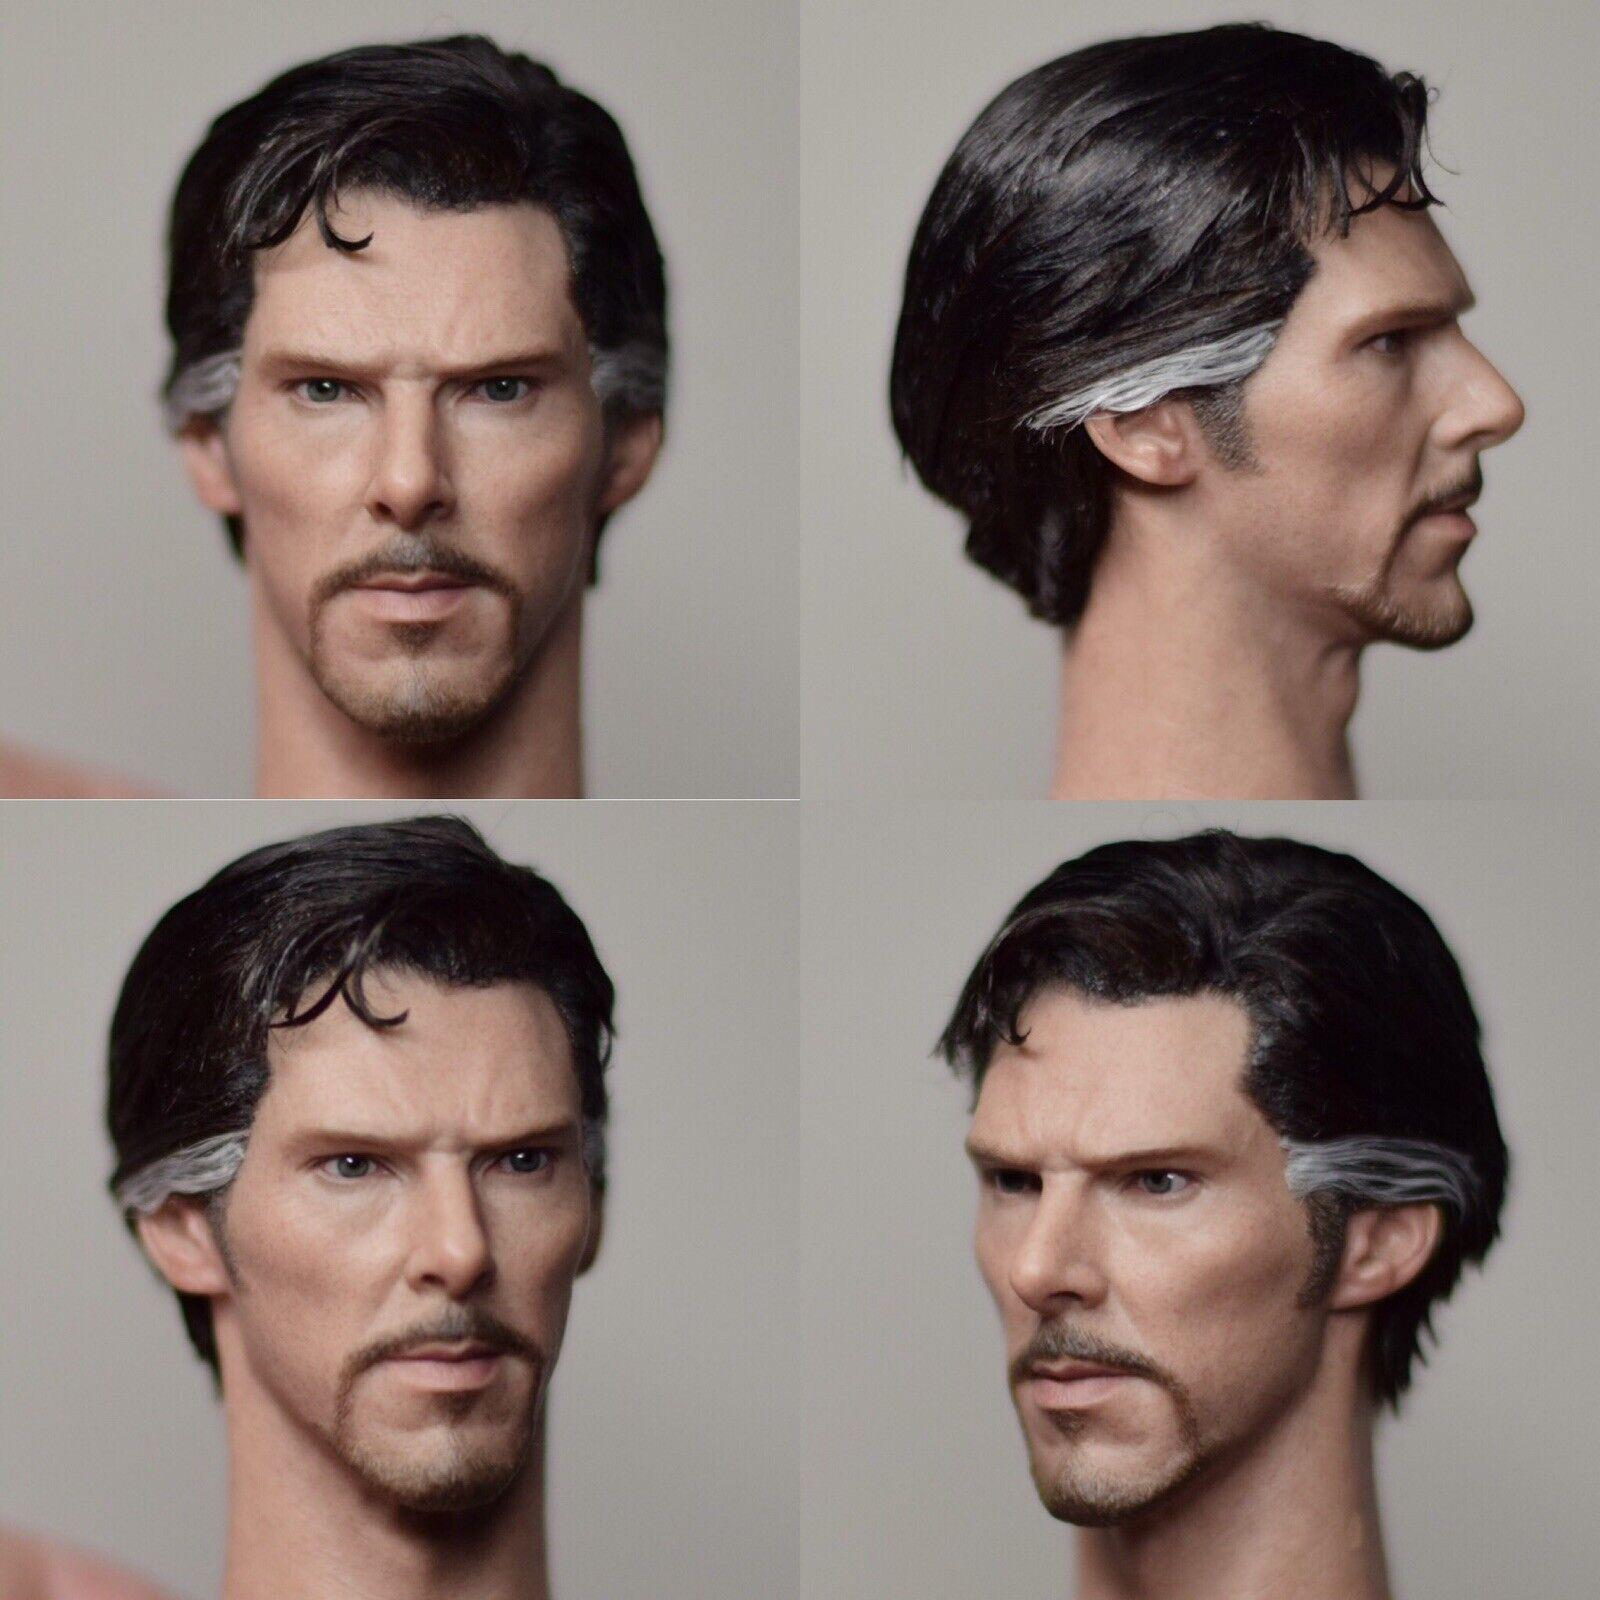 caliente giocattoli Dr Strange Head Sculpt